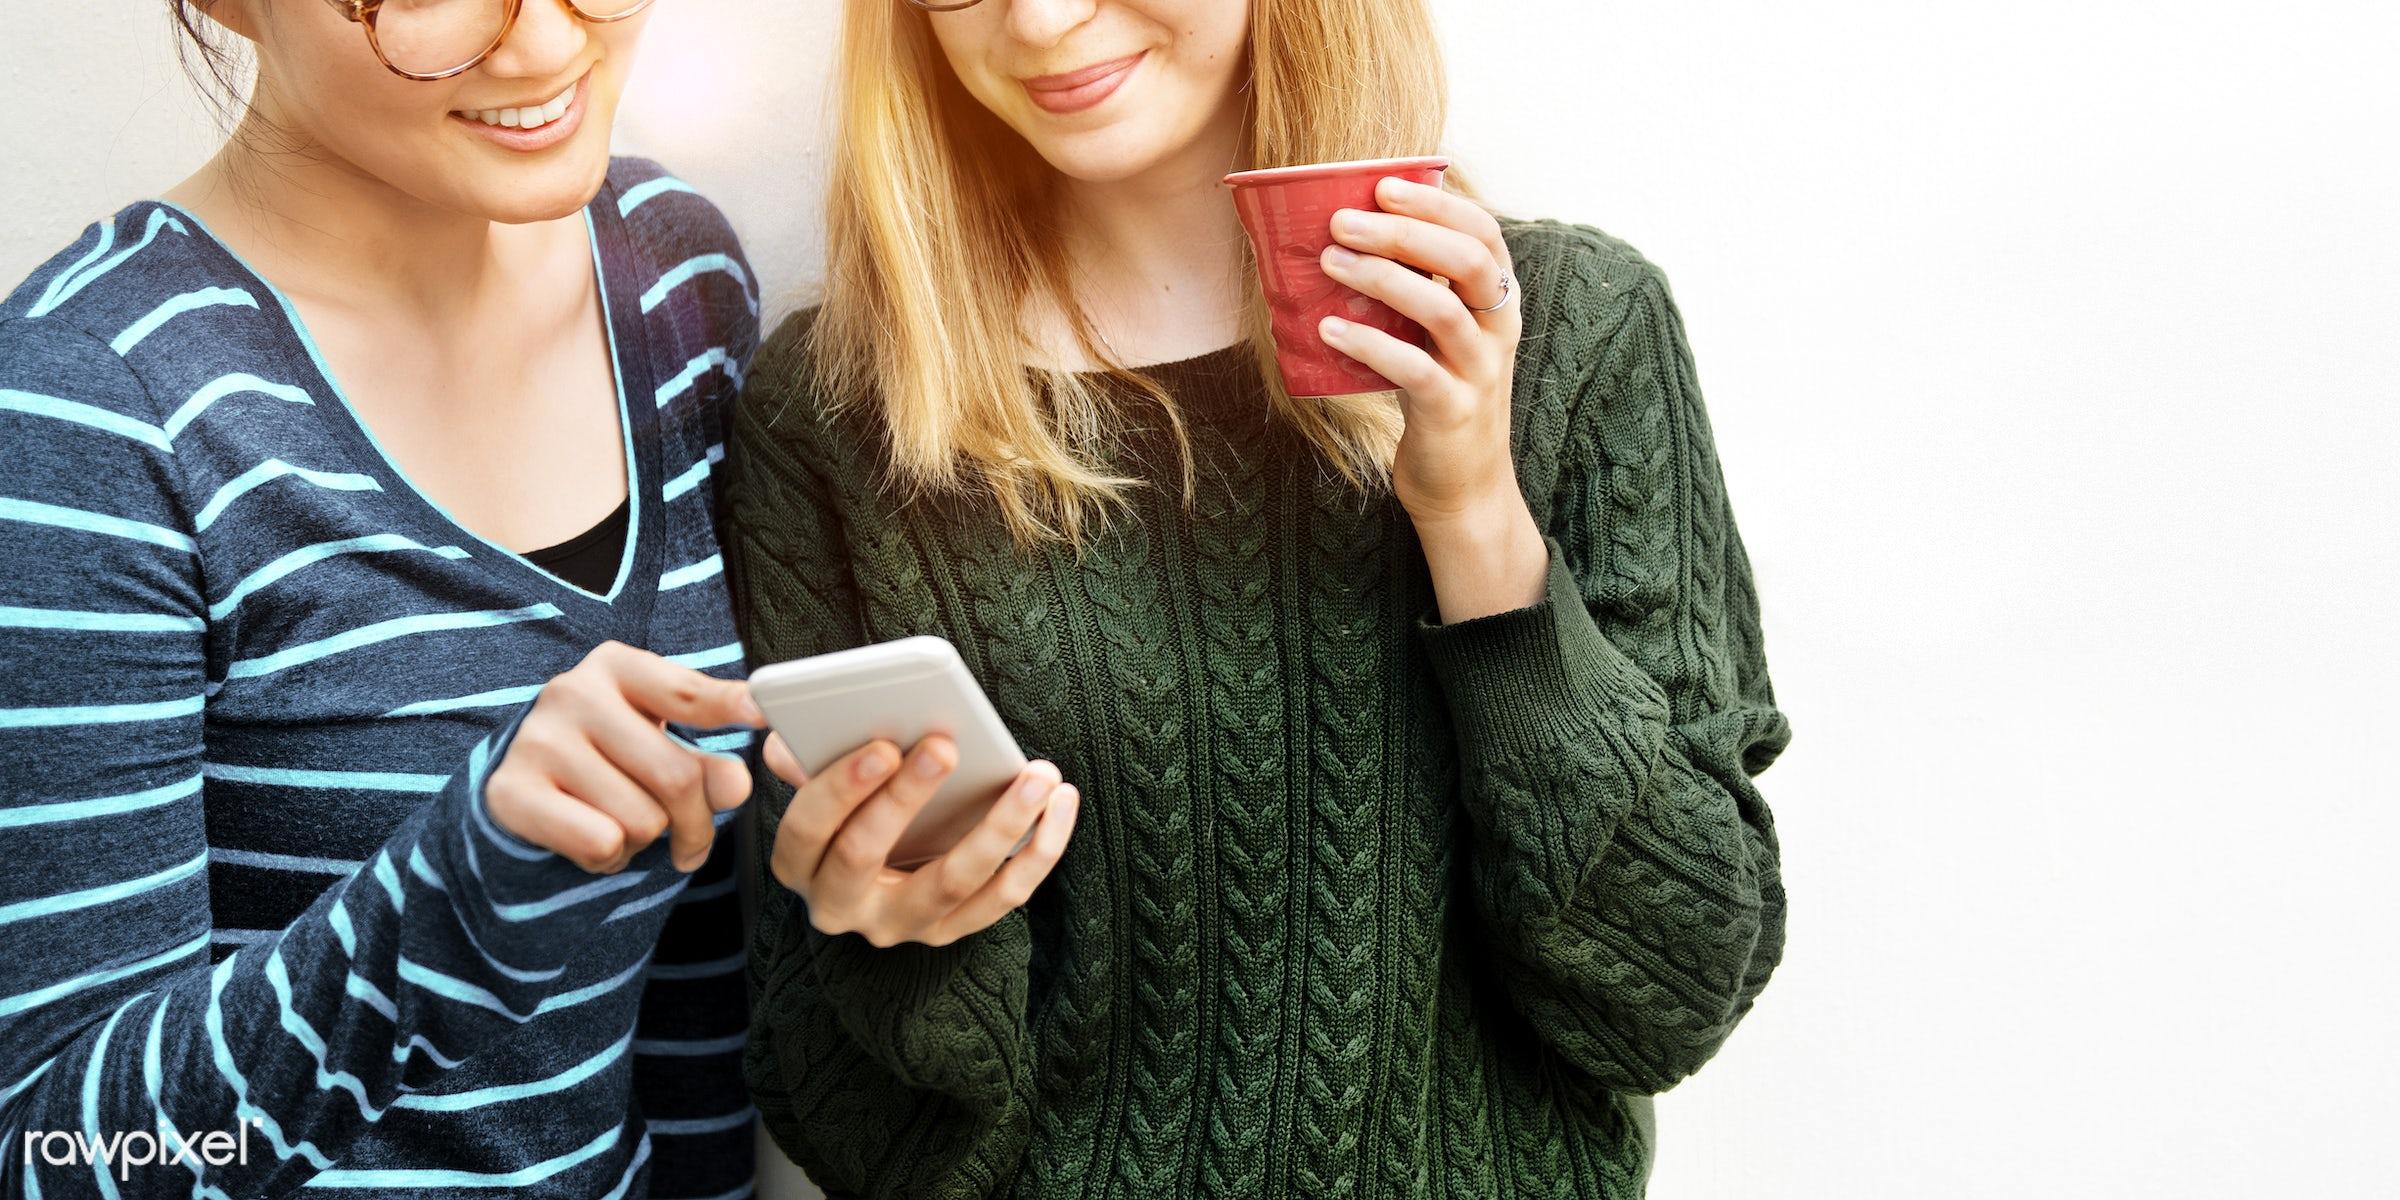 analysing, analysis, bonding, brainstorming, break, browser, browsing, campus, casual, coffee, coffee break, college,...